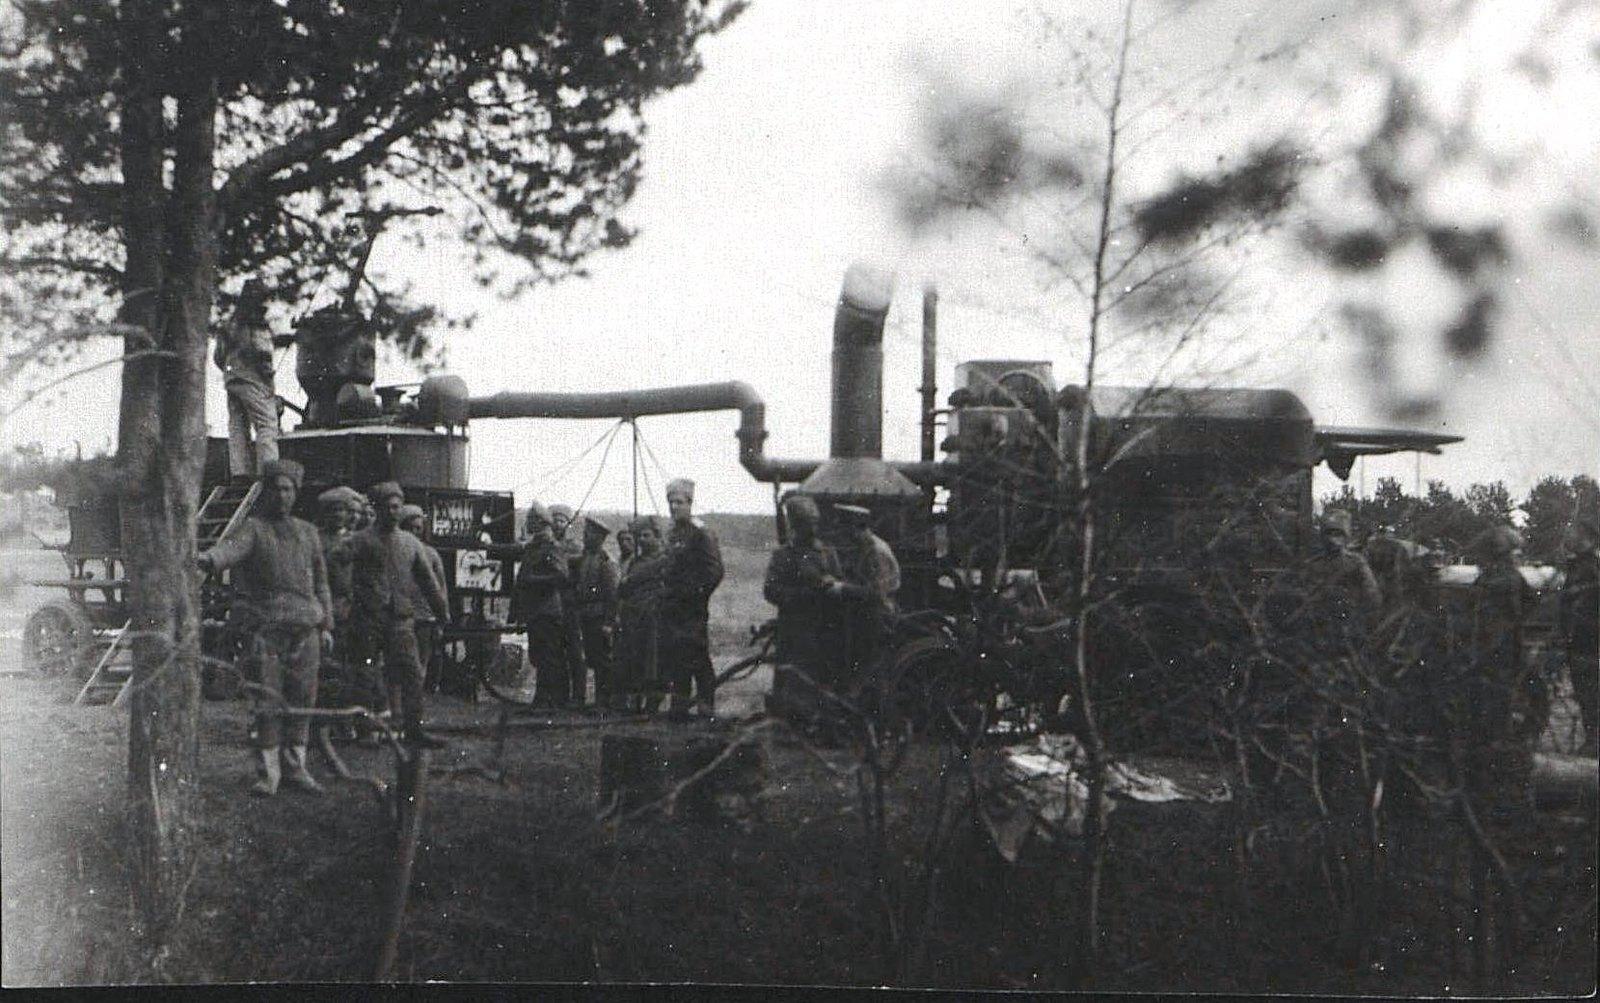 1916. Добыча газа для аэростатов из силикона и едкого натра при помощи походного газодобывательного аппарата «Оксилит»